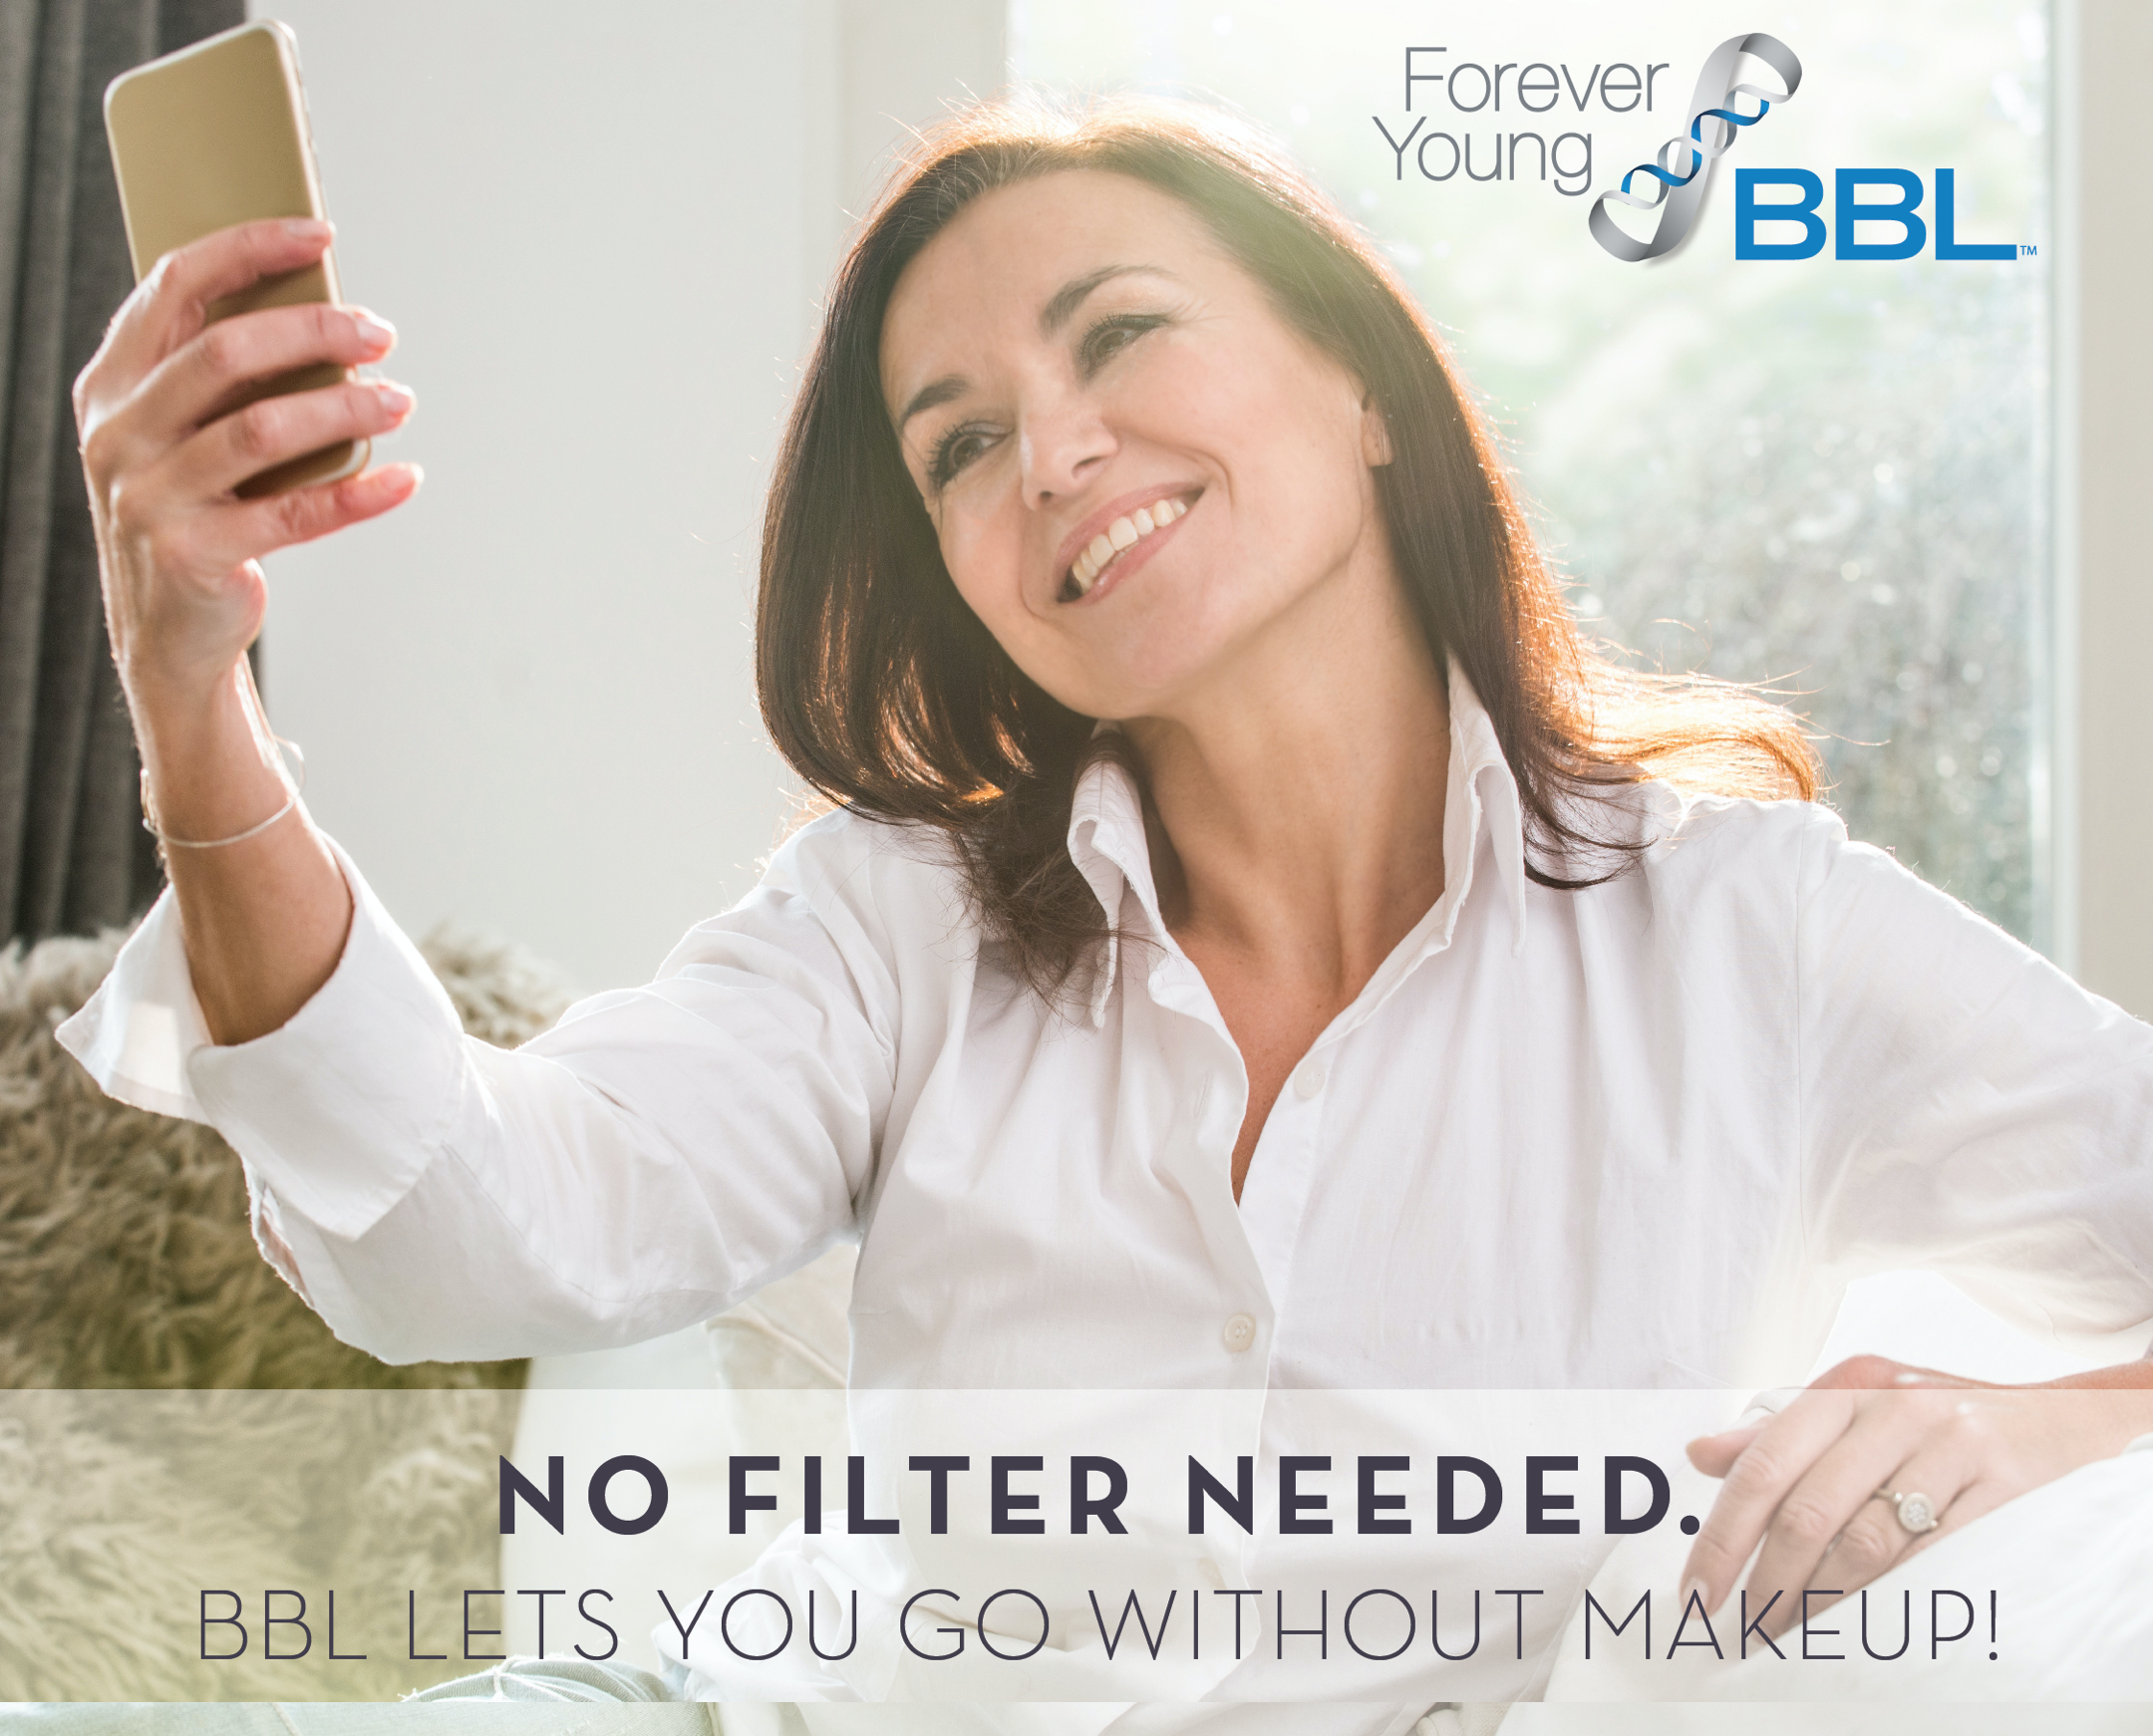 BBL Photo Facial - No filter needed